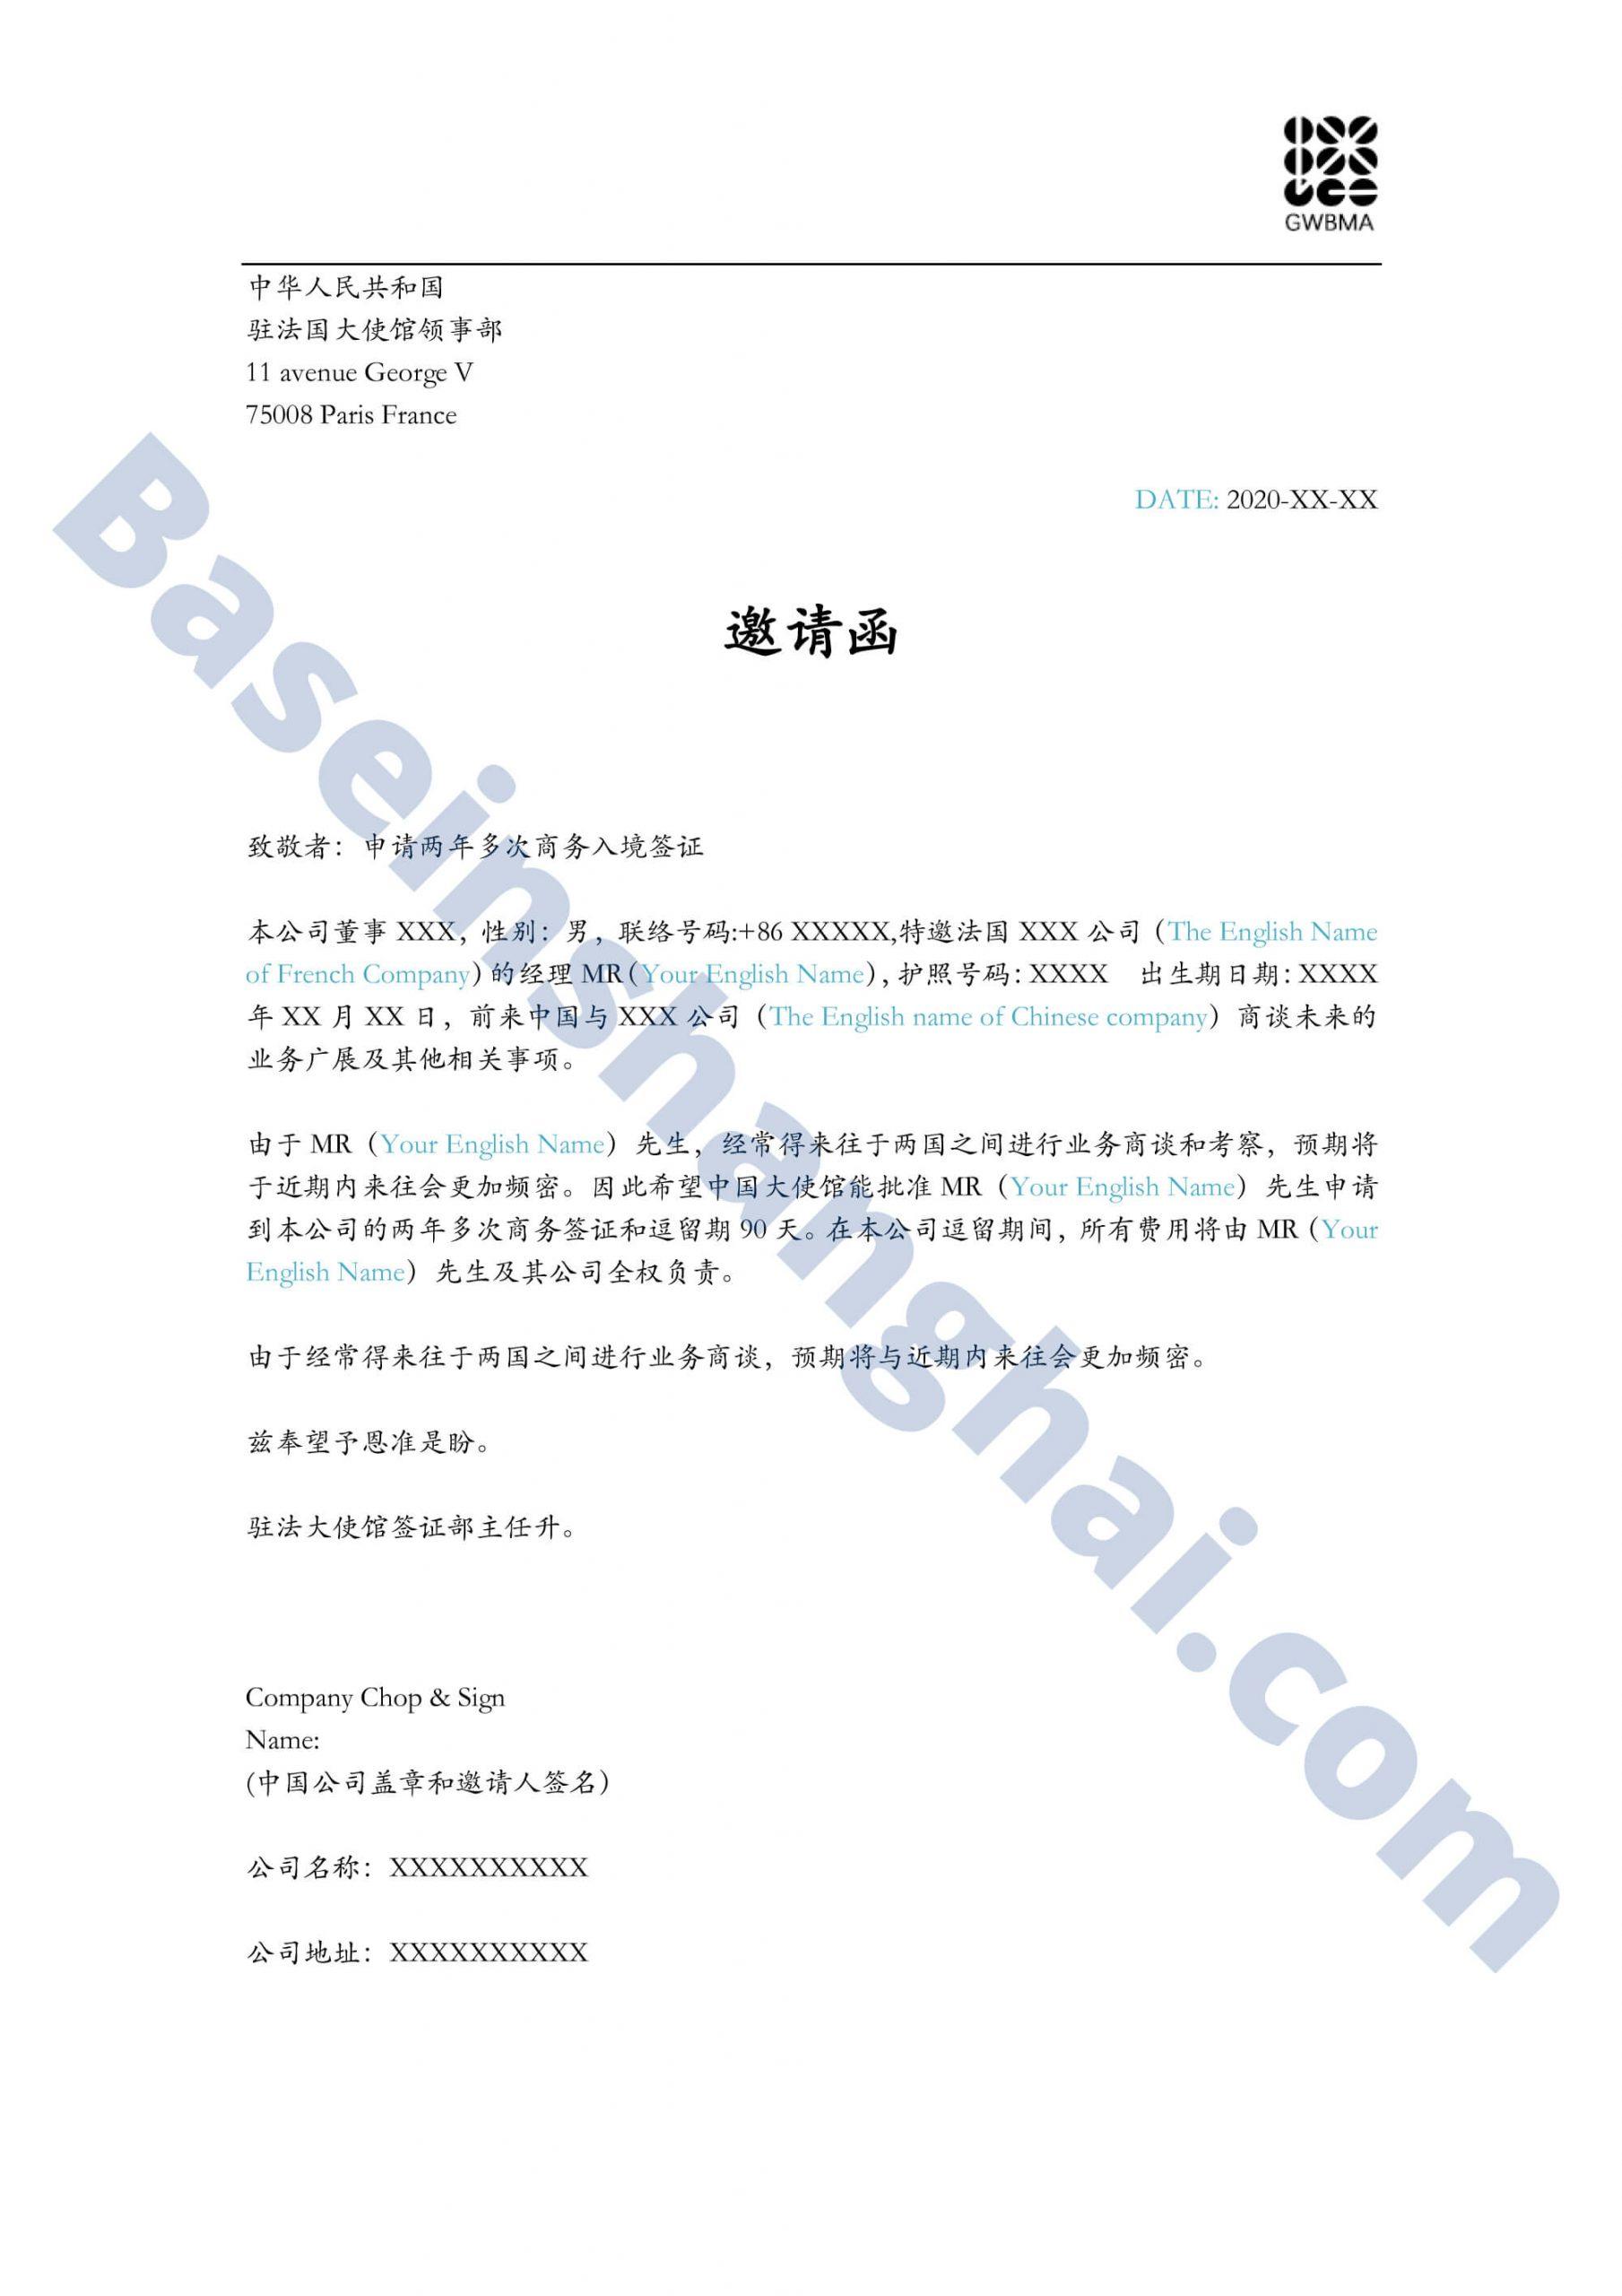 Chinese invitation letter for visa